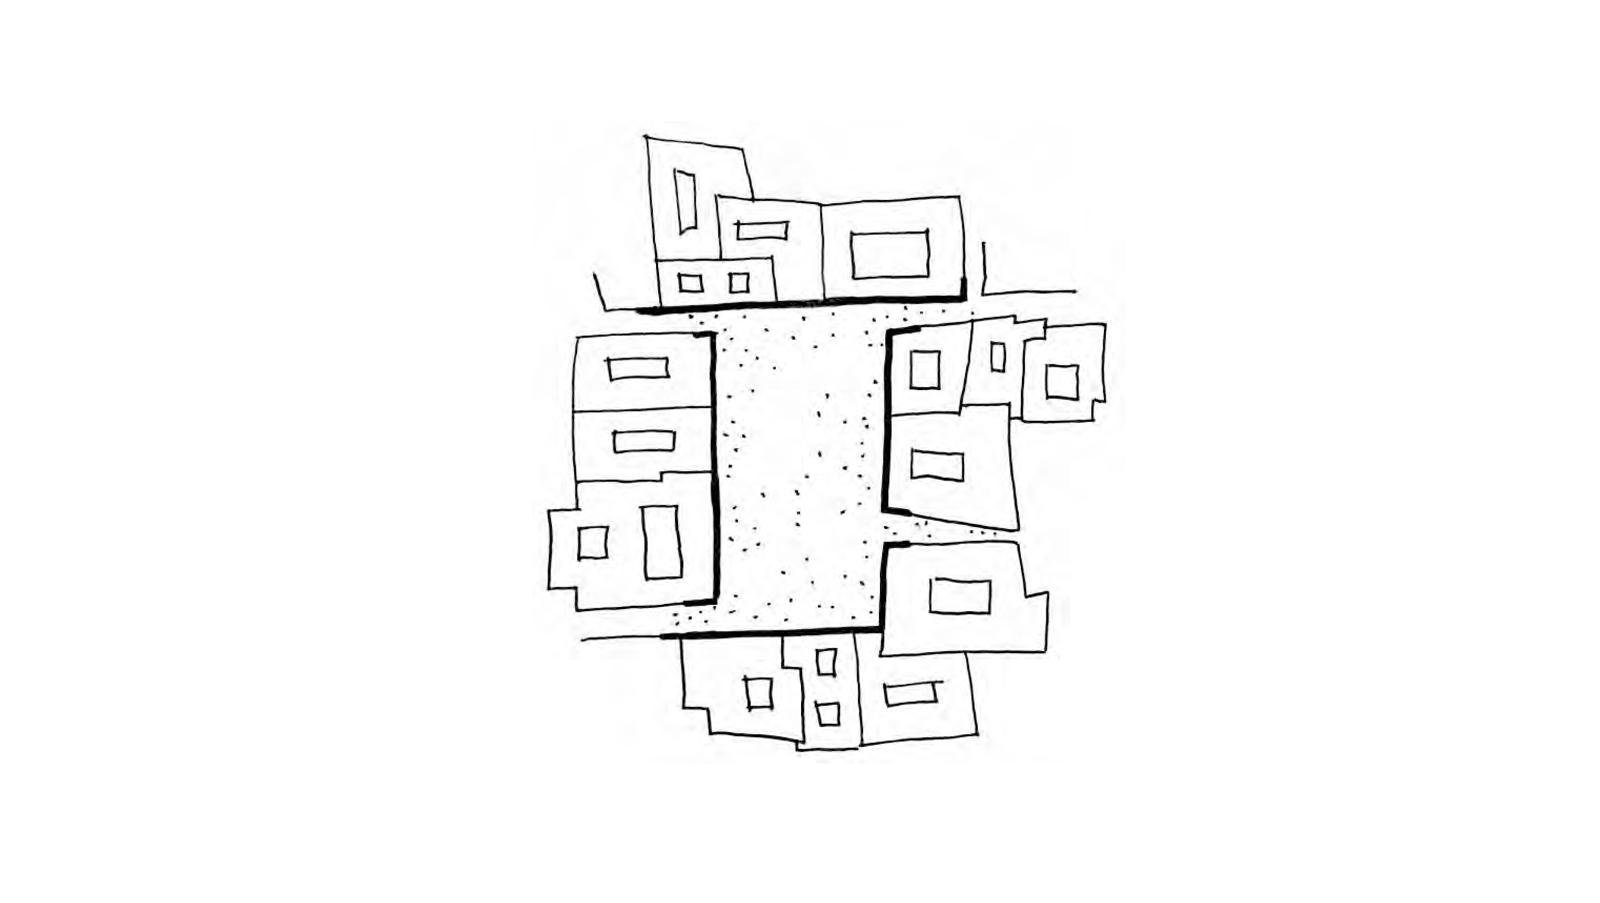 CRUQ-pres-140606-39